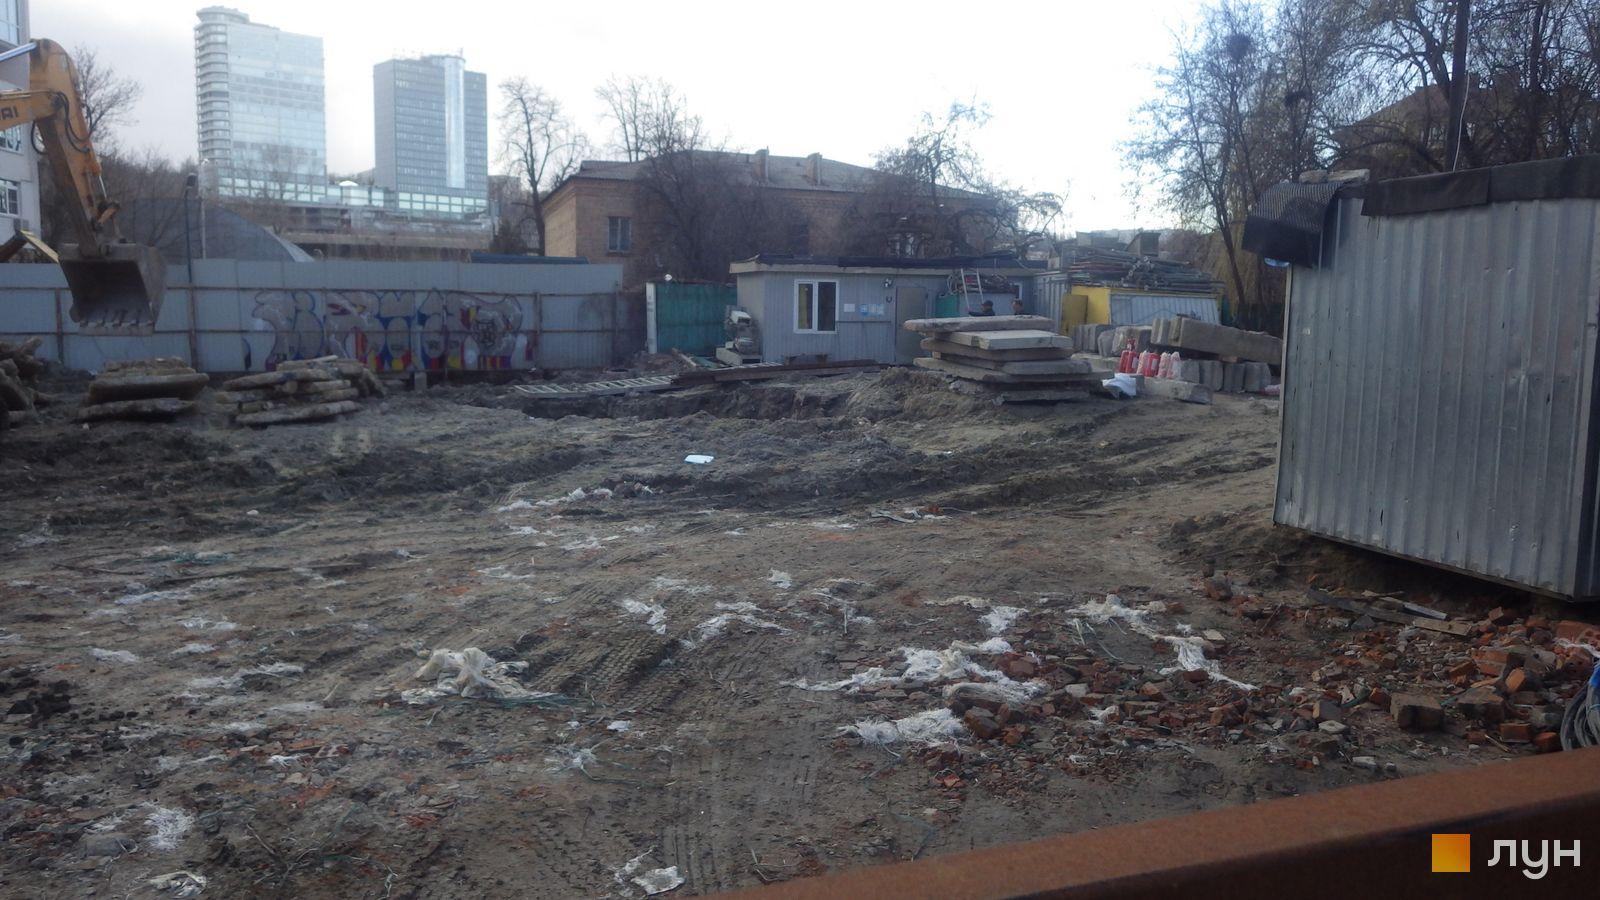 Ход строительства ул. Казимира Малевича, 44, 46, , март 2019